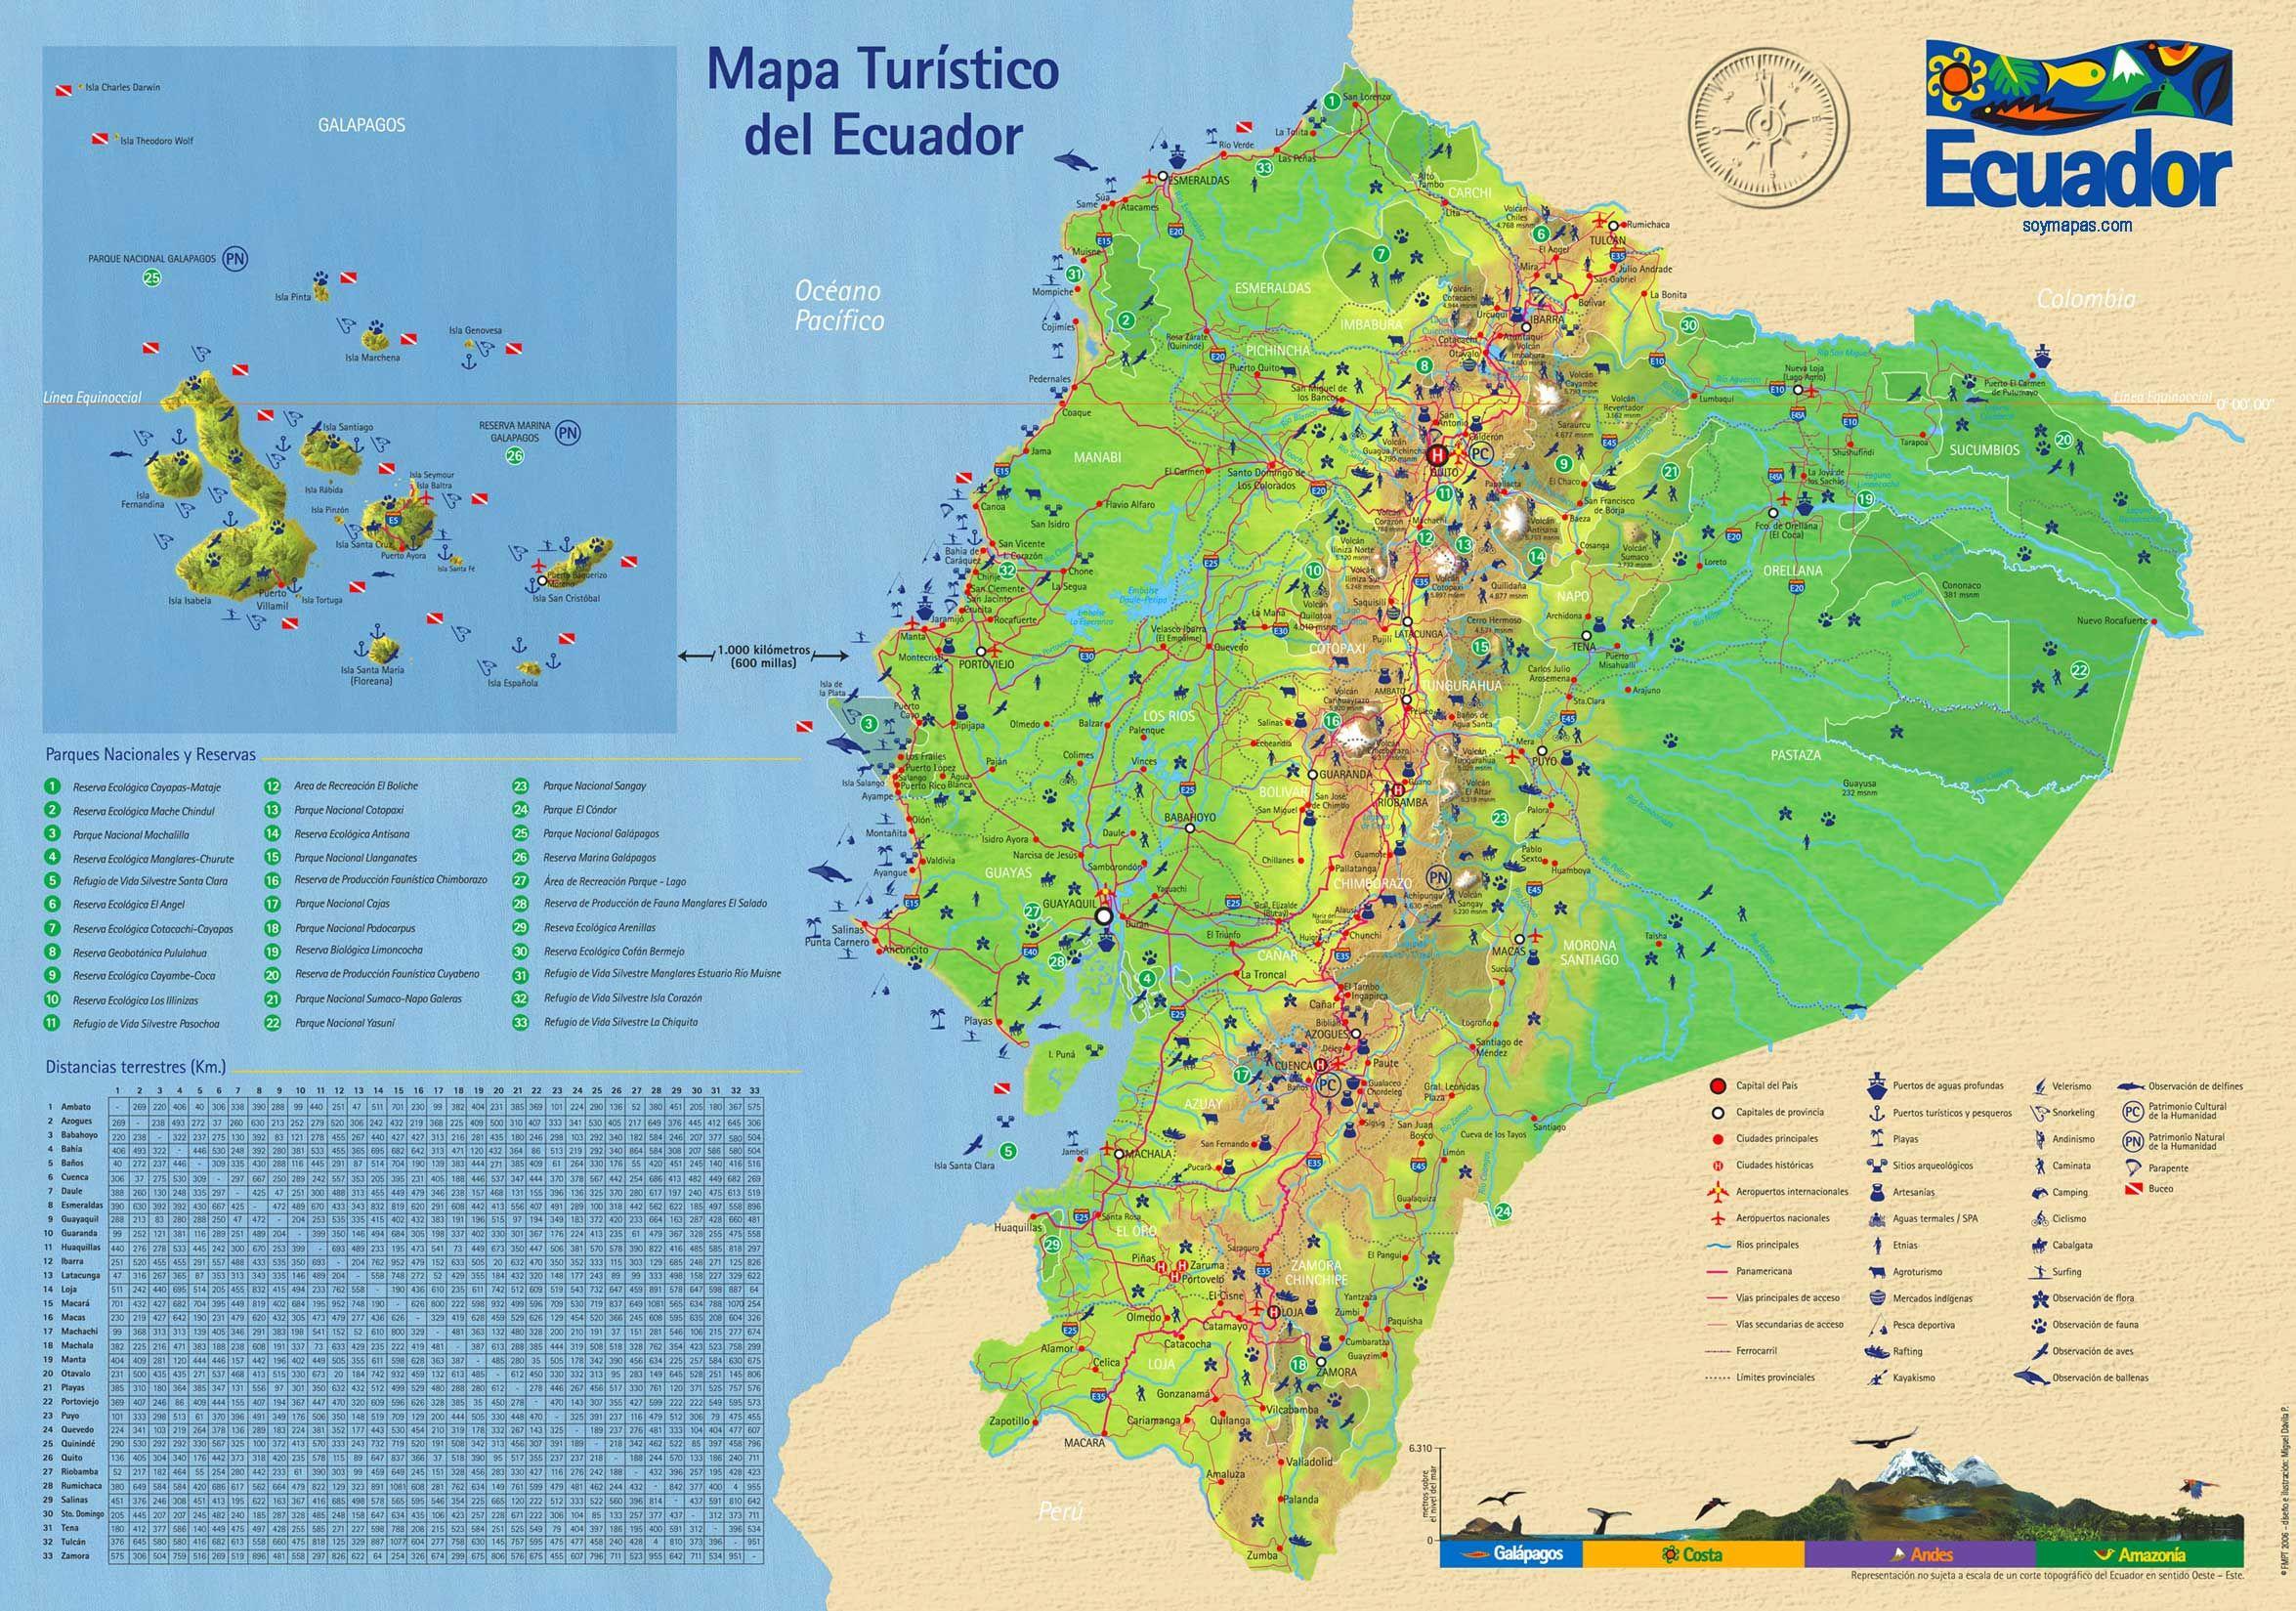 Mapa Turistico Ecuador Jpg 2350 1649 Tourist Map Ecuador Map Map